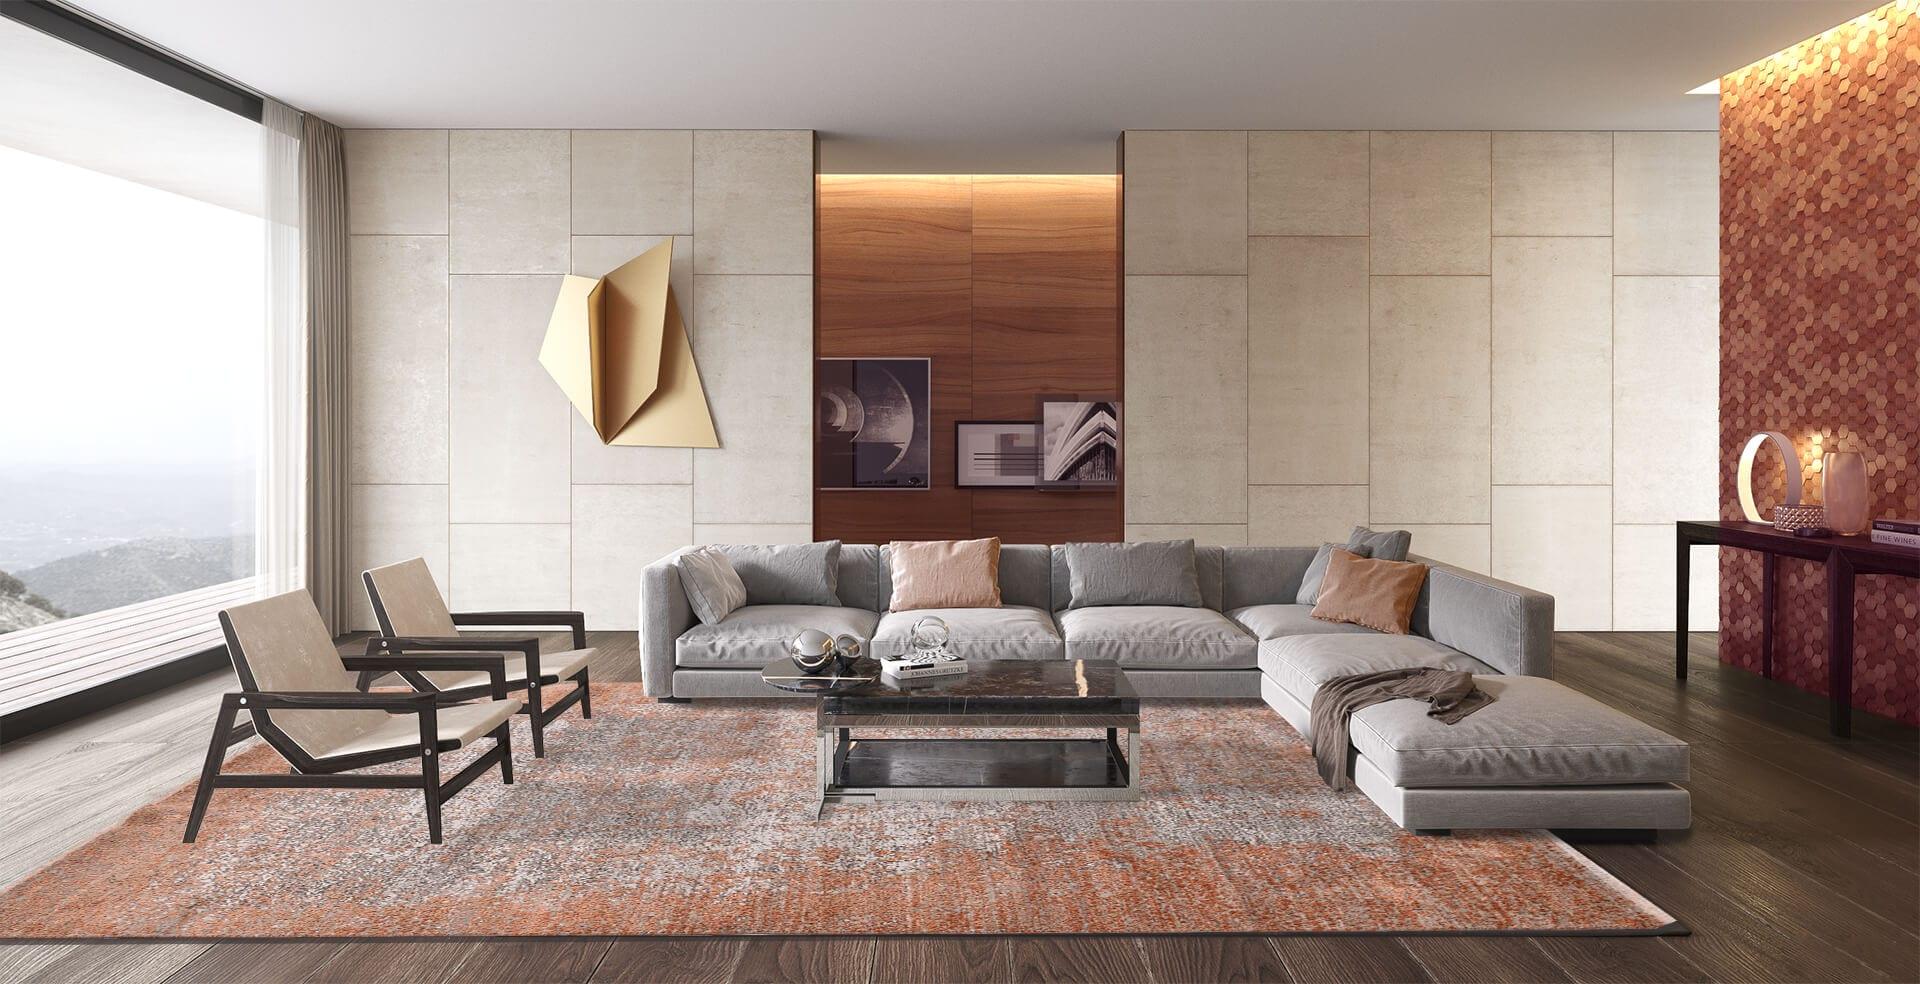 bentayga-design-tapijt-luxe-moderne-exclusieve-design-tapijten-luxe-vloerkleden-zijde-roest-goud-oranje-creme-300x241-koreman-maastricht-interieur